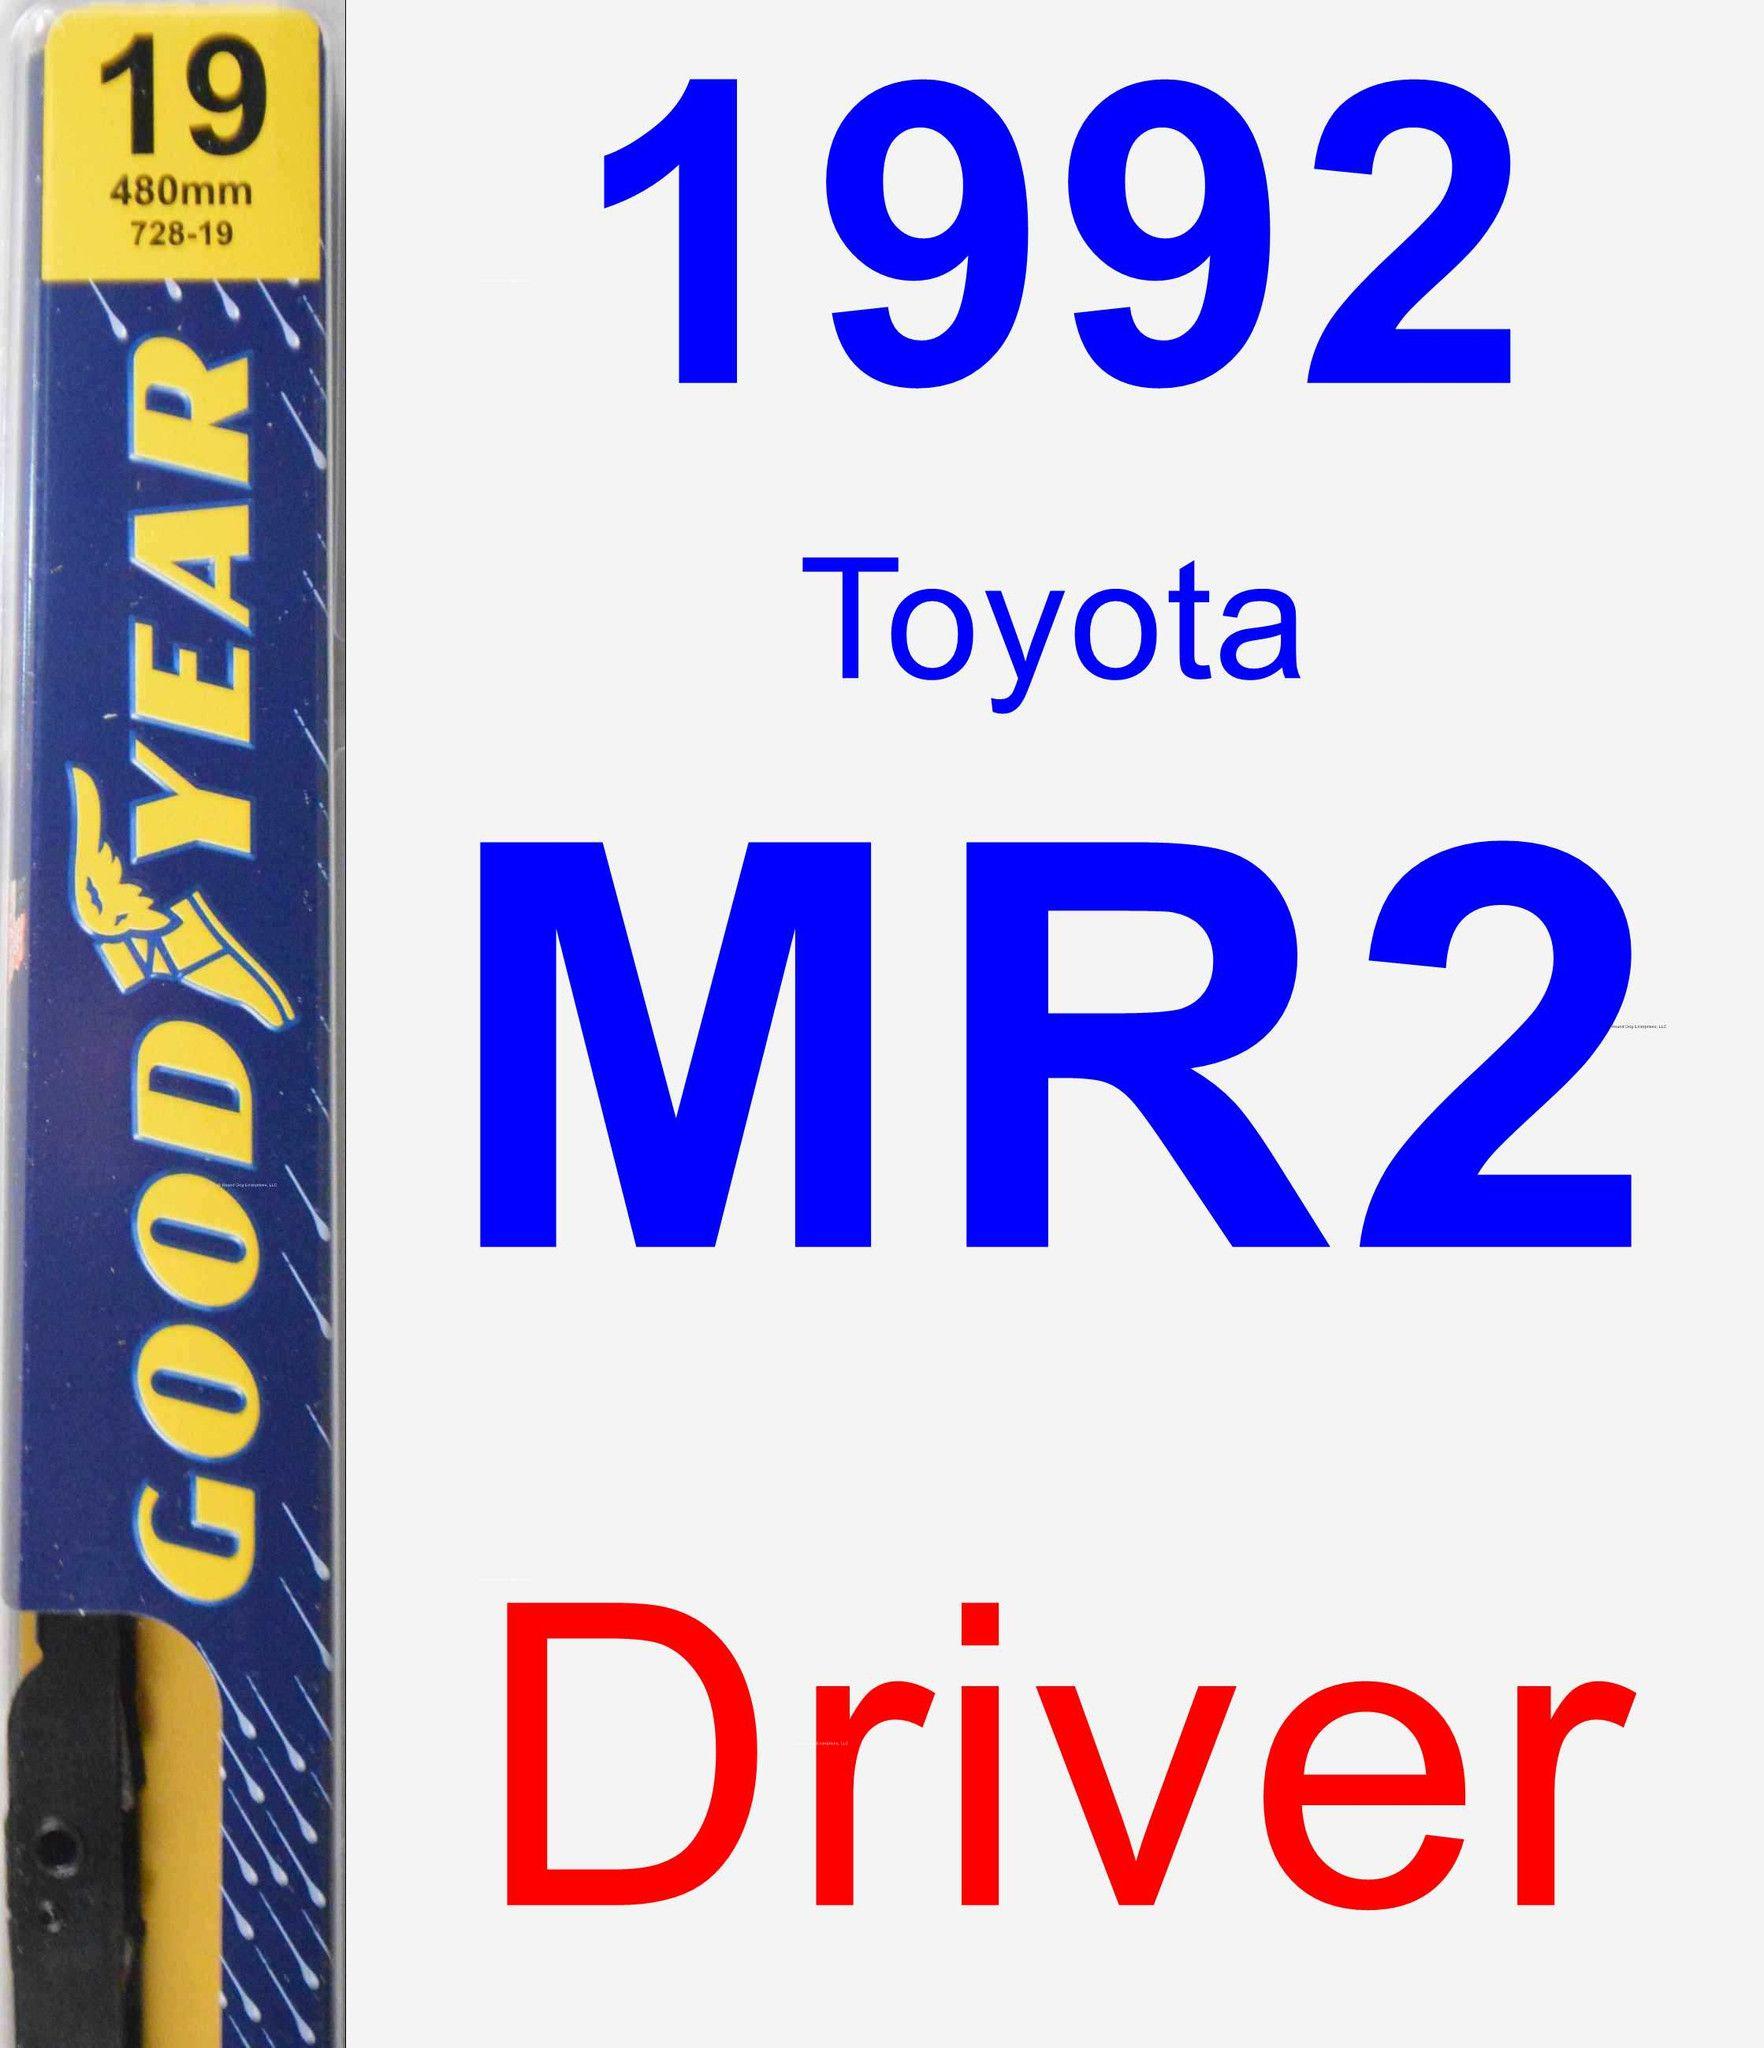 Driver Wiper Blade For 1992 Toyota MR2 - Premium